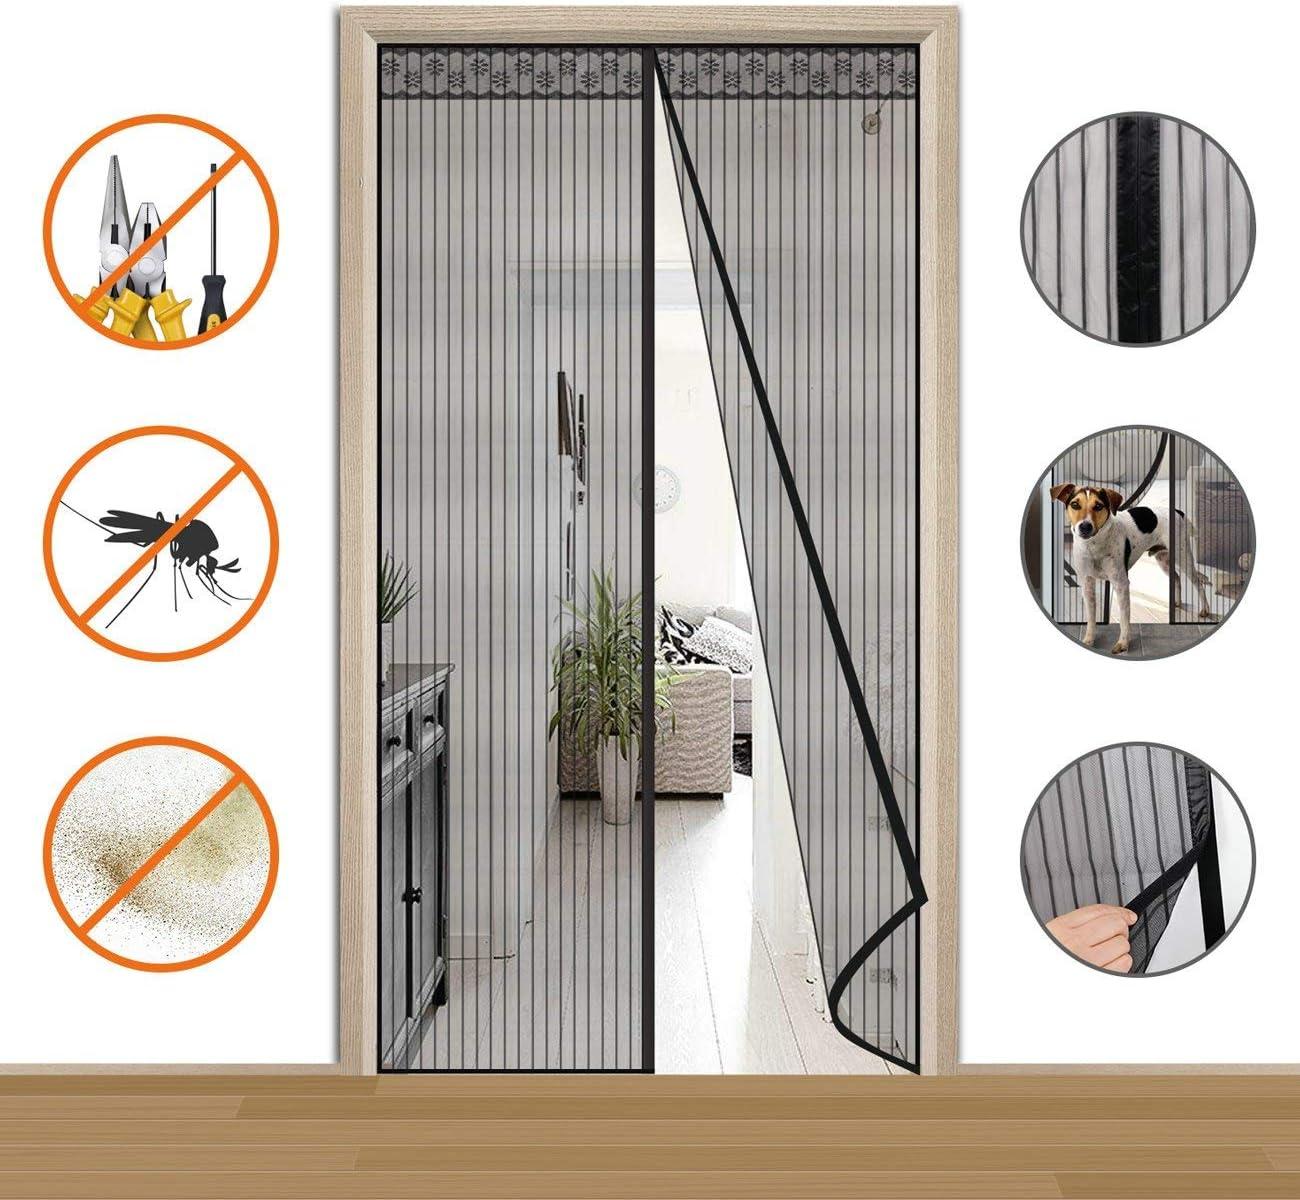 COAOC Cortina Mosquitera Magnetica, Verano Cortina MagnéTica con Durable para Puertas Correderas/Balcones/Terraza - Negro 140x240cm(55x94inch): Amazon.es: Hogar